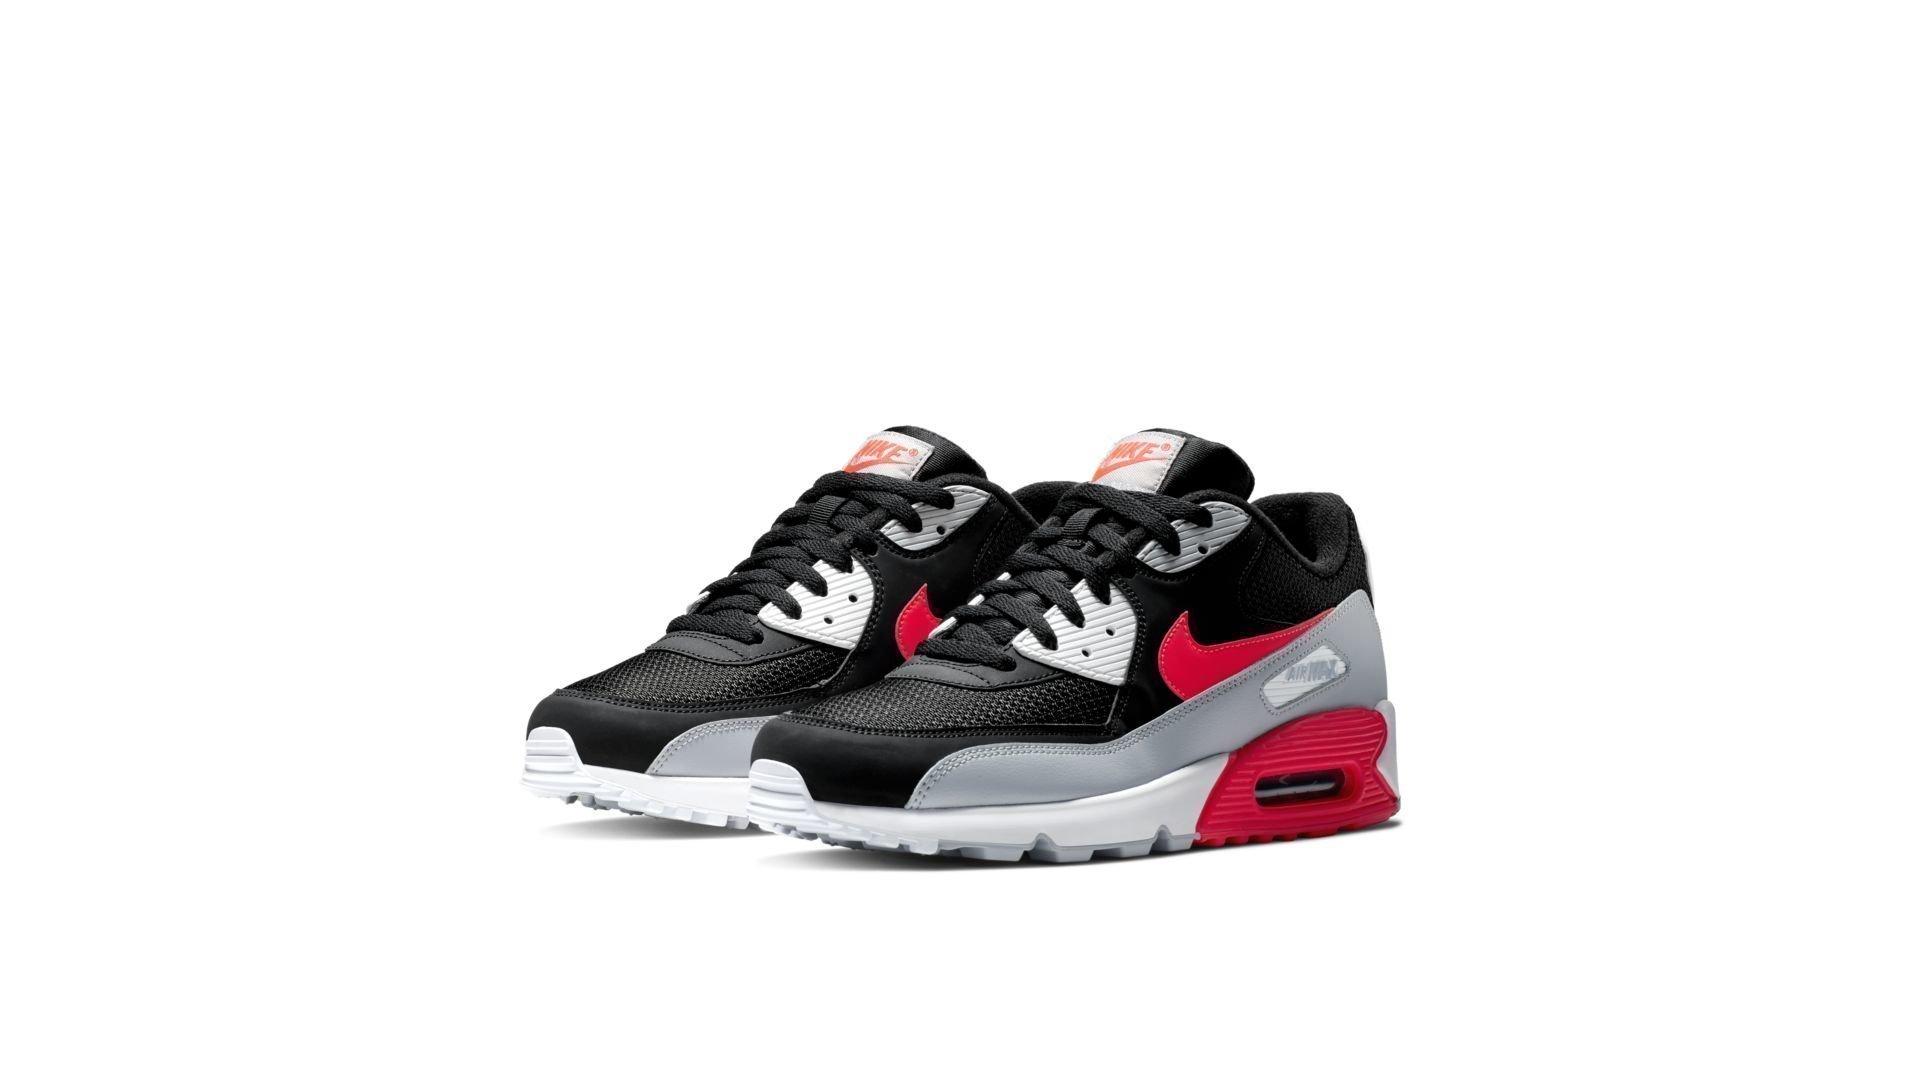 Nike Air Max 90 AJ1285-012